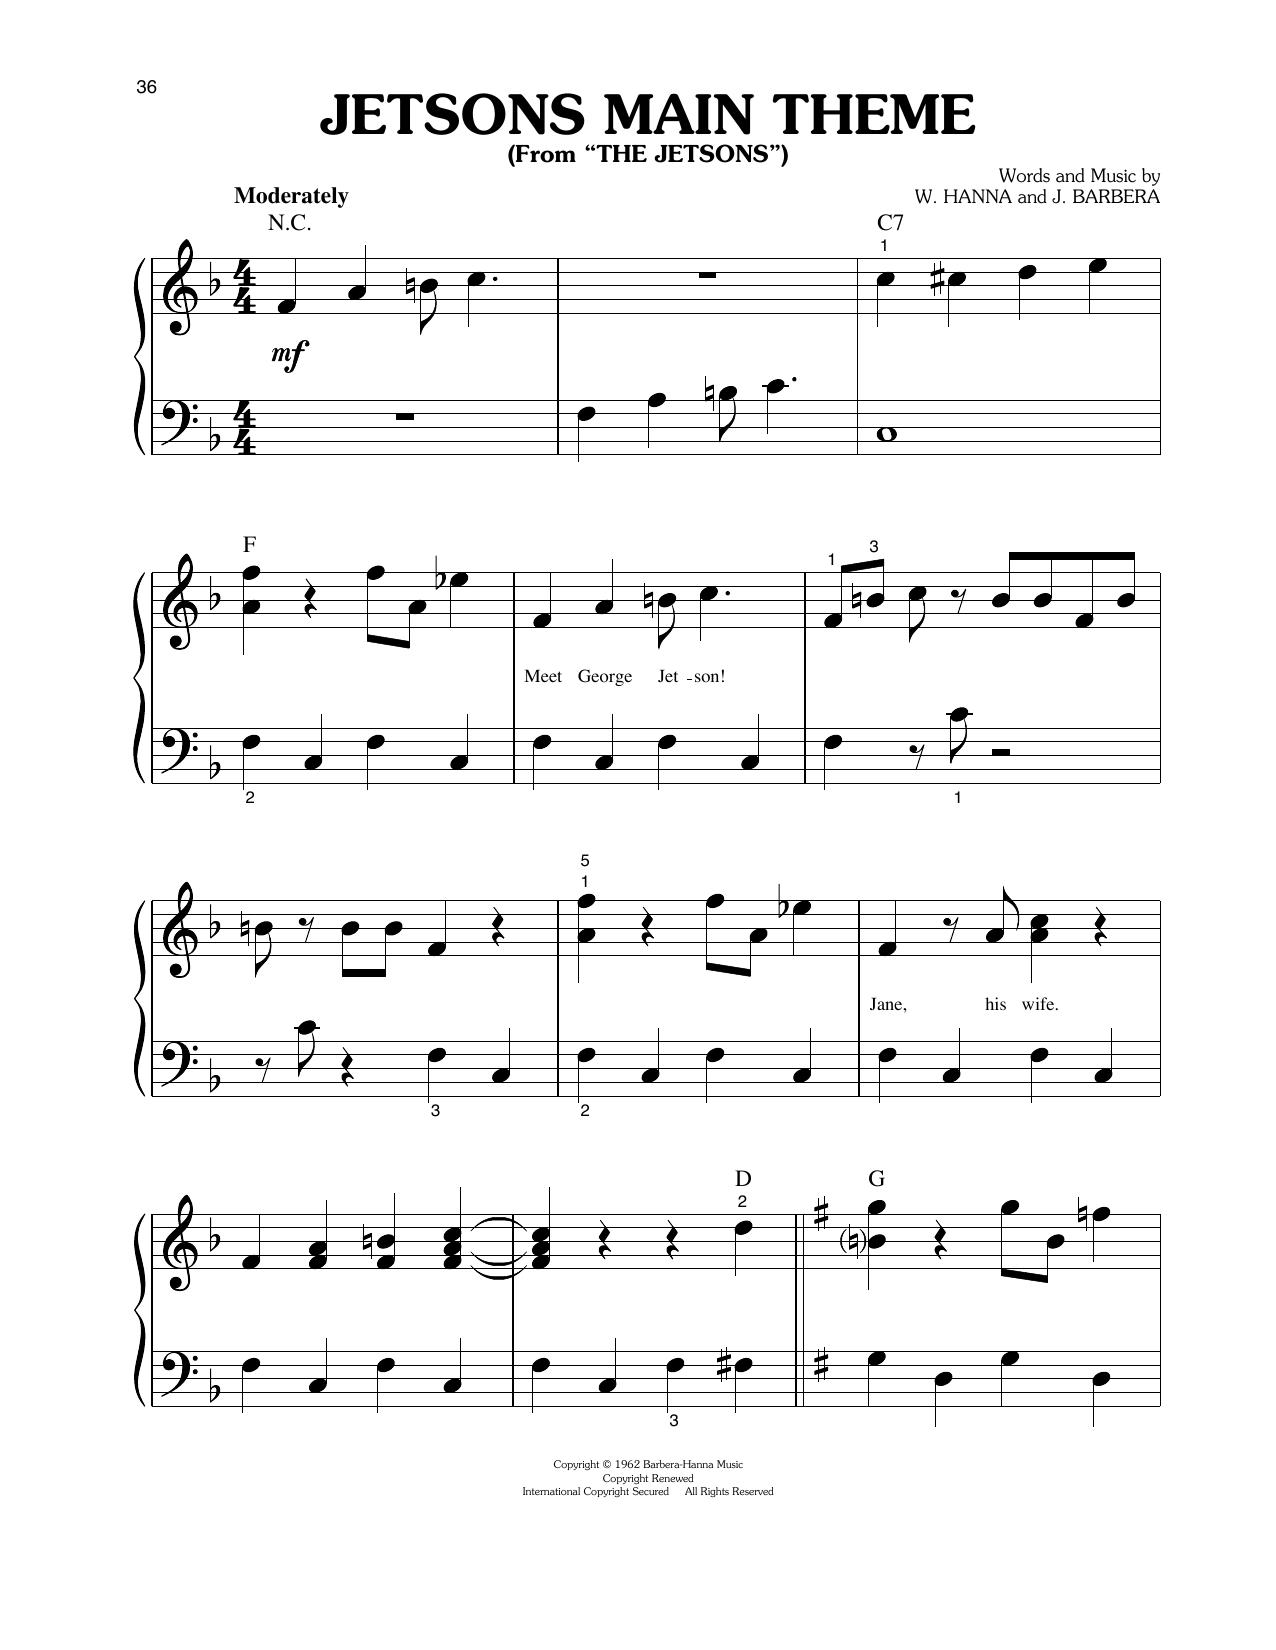 Jetsons Main Theme Sheet Music